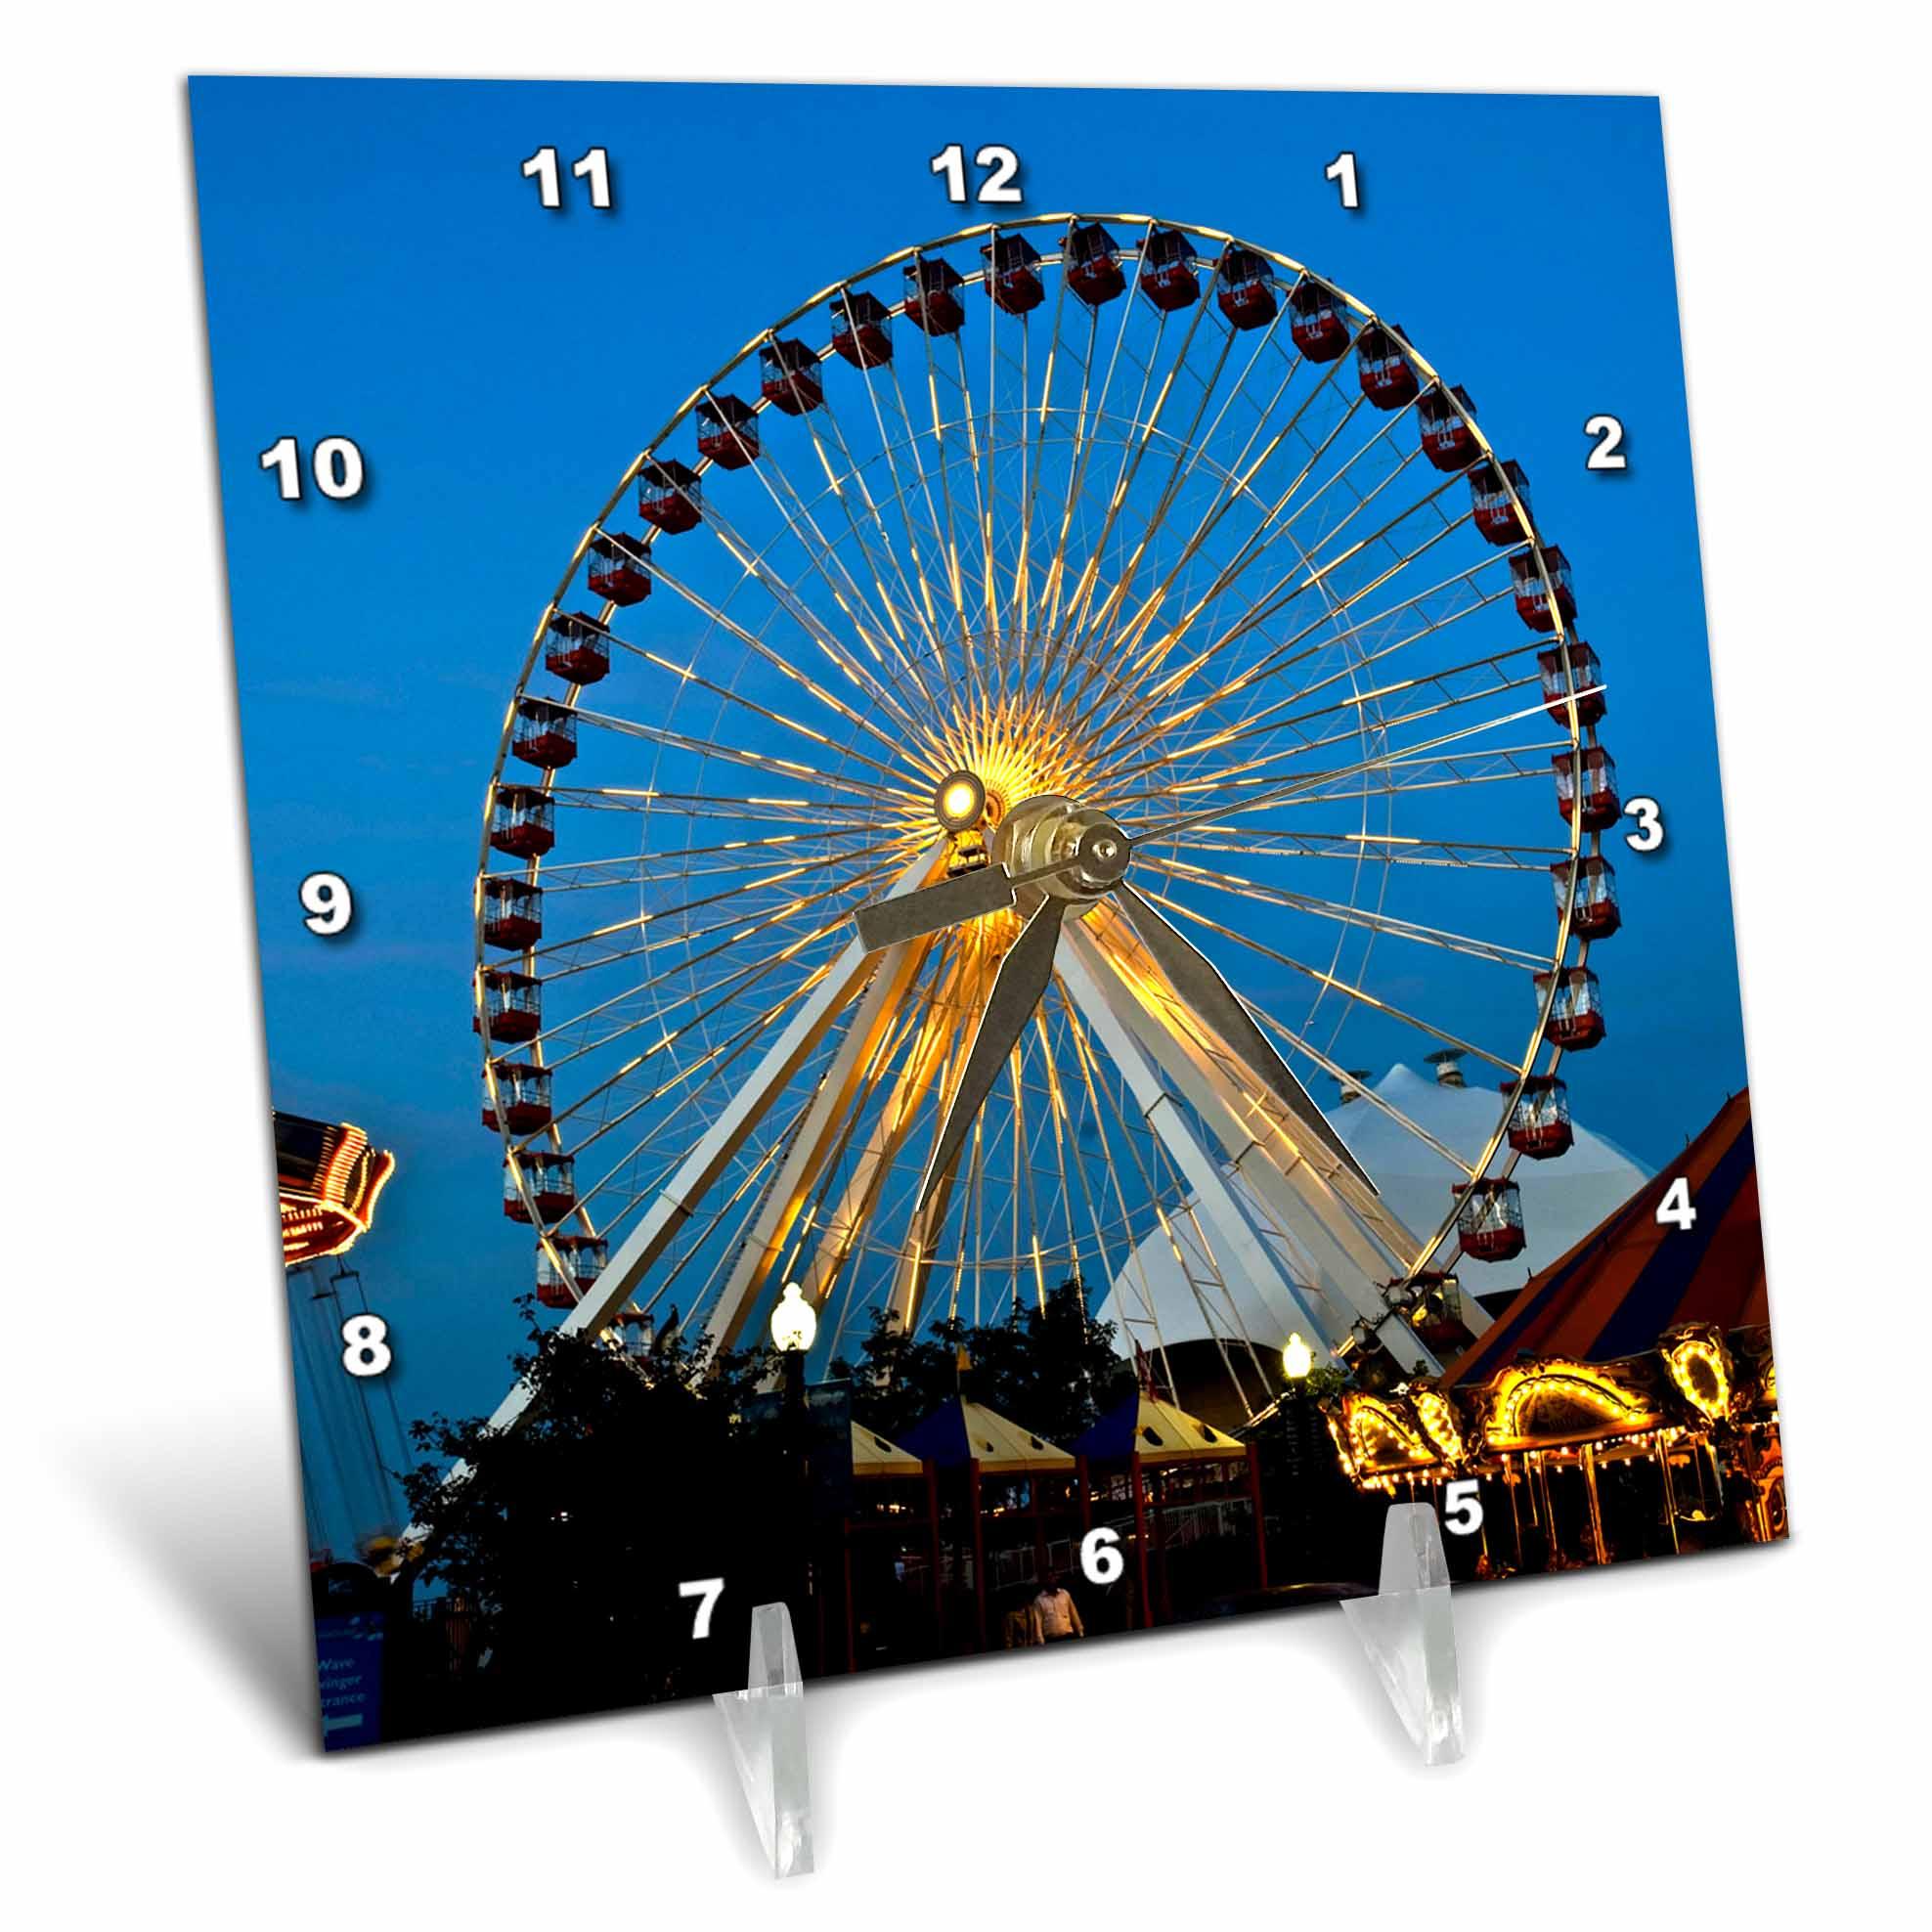 3dRose Illinois, Chicago, Ferris Wheel, Navy Pier US14 BFR0033 Bernard Friel, Desk Clock, 6 by 6-inch by 3dRose